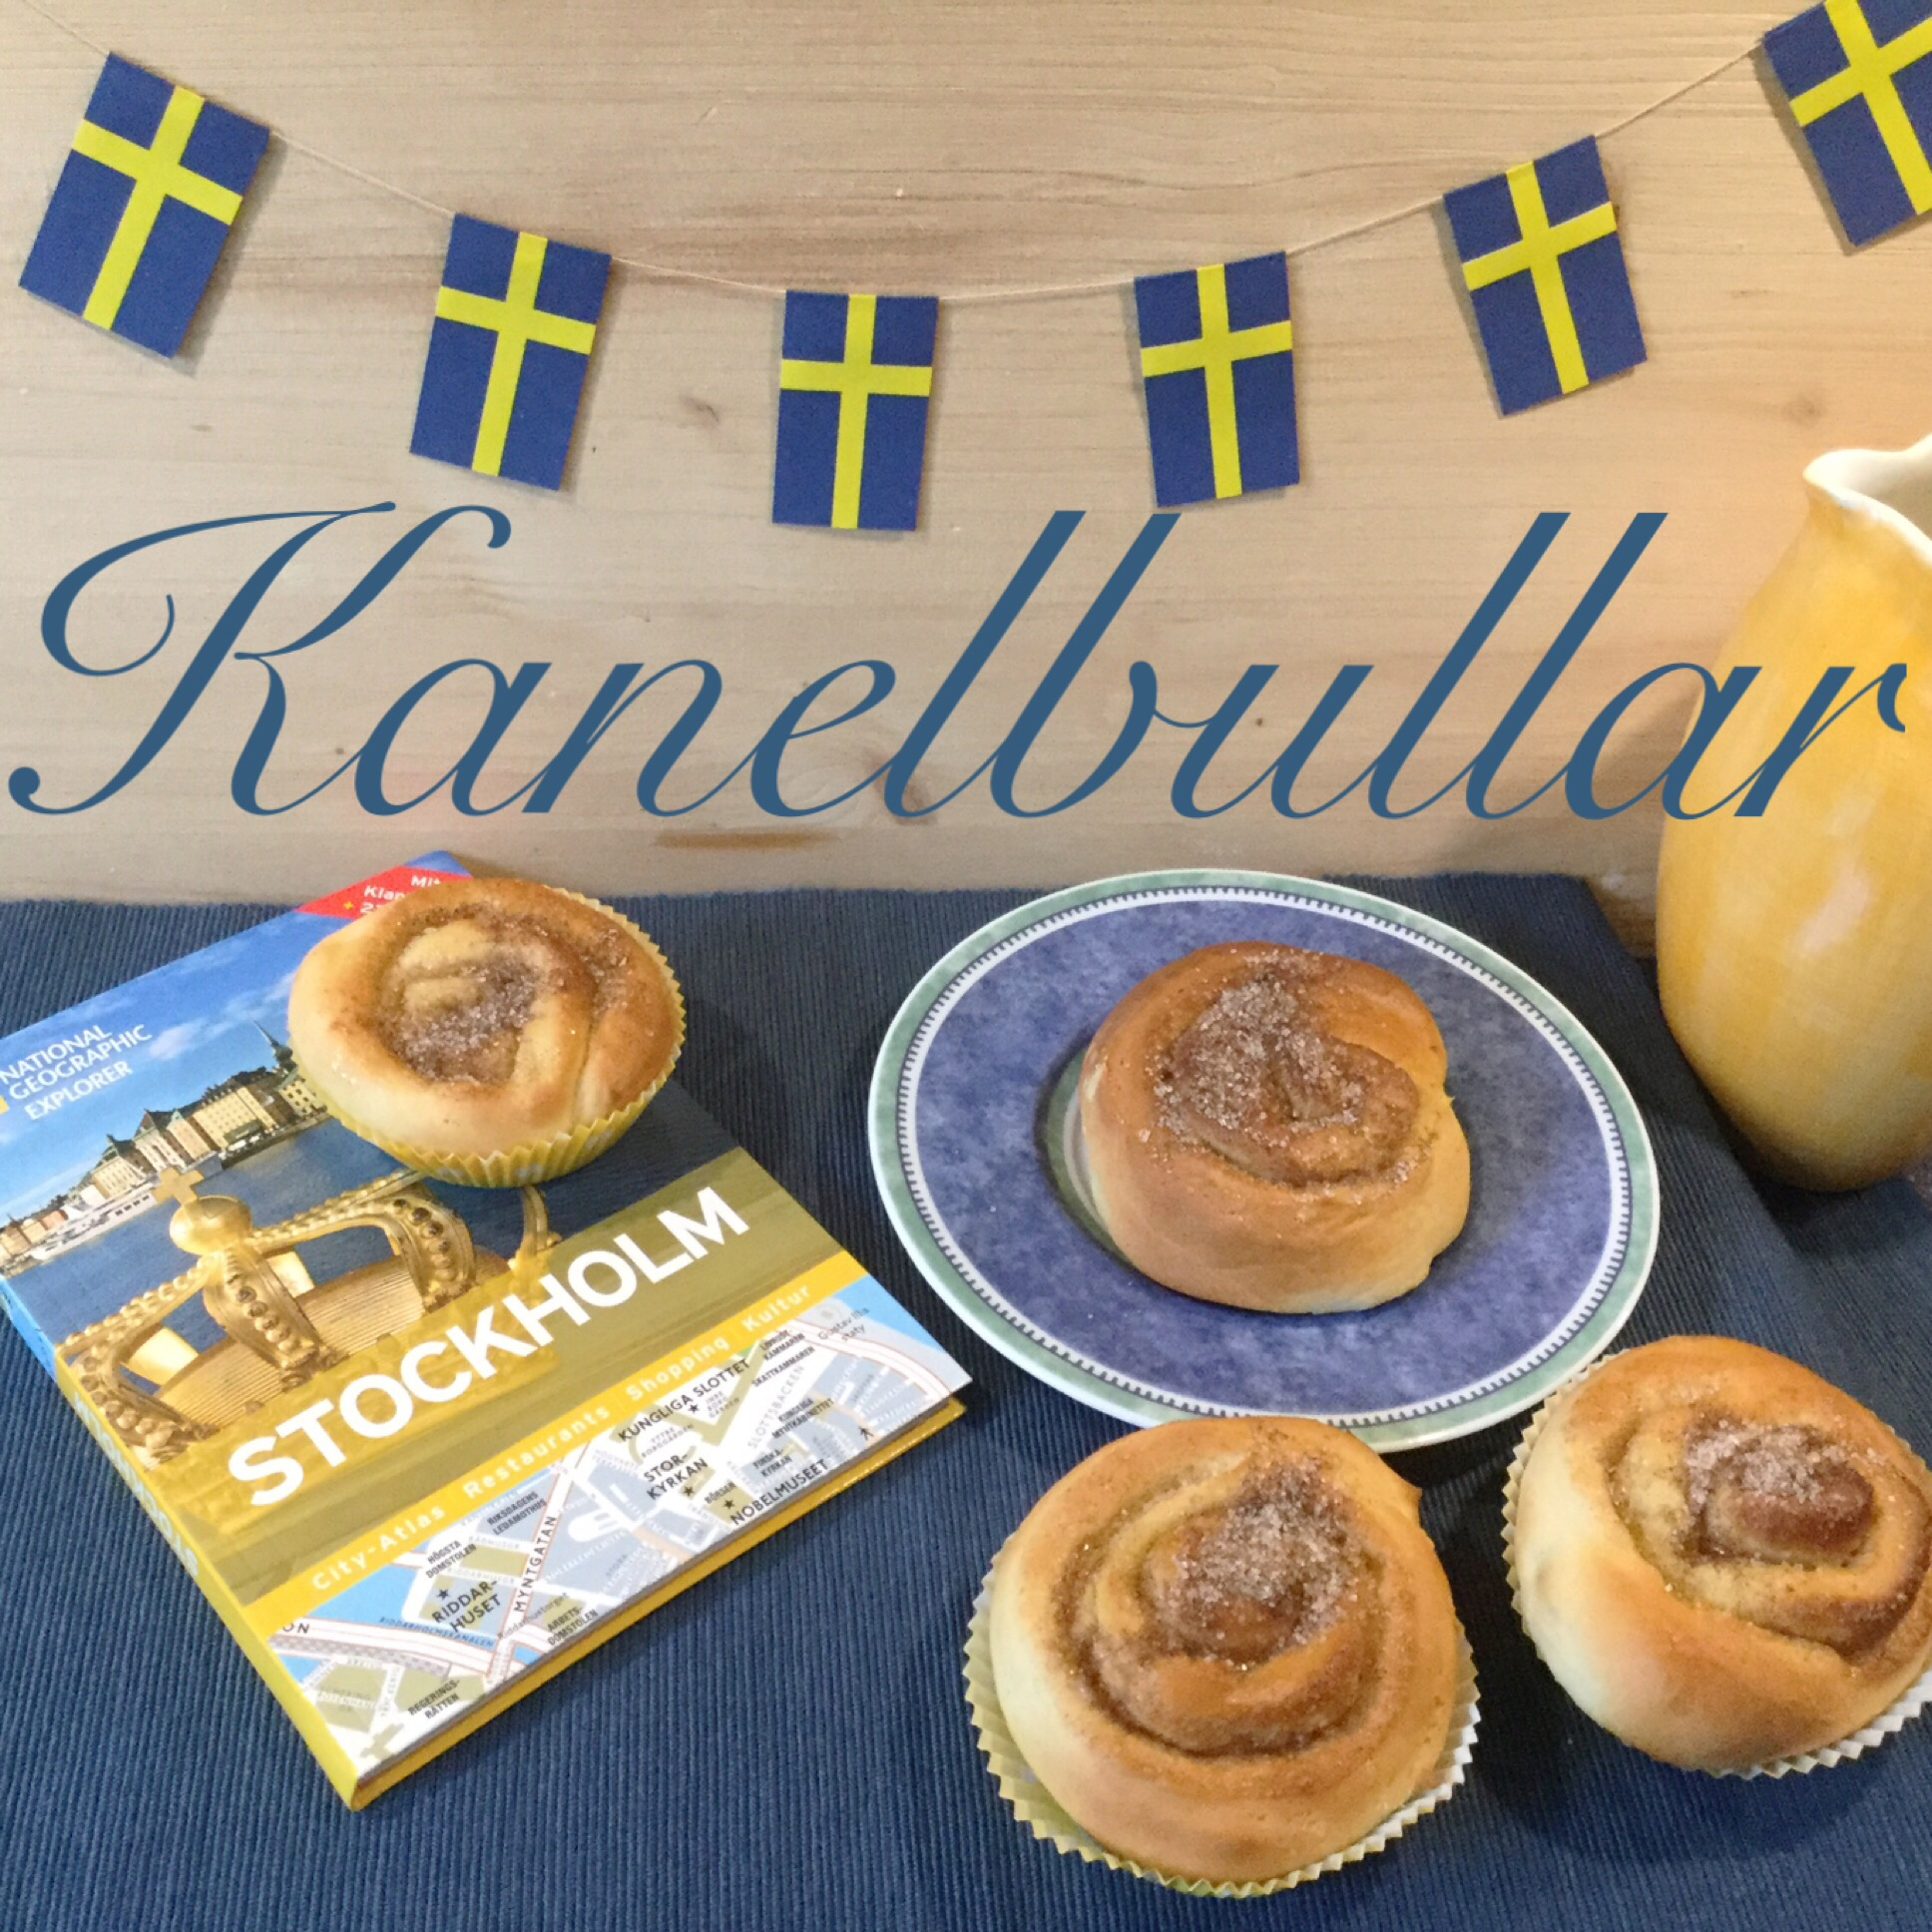 Kulinarische Stockholm-Erinnerung – oder – Kanelbullar sind Zimzschnecken